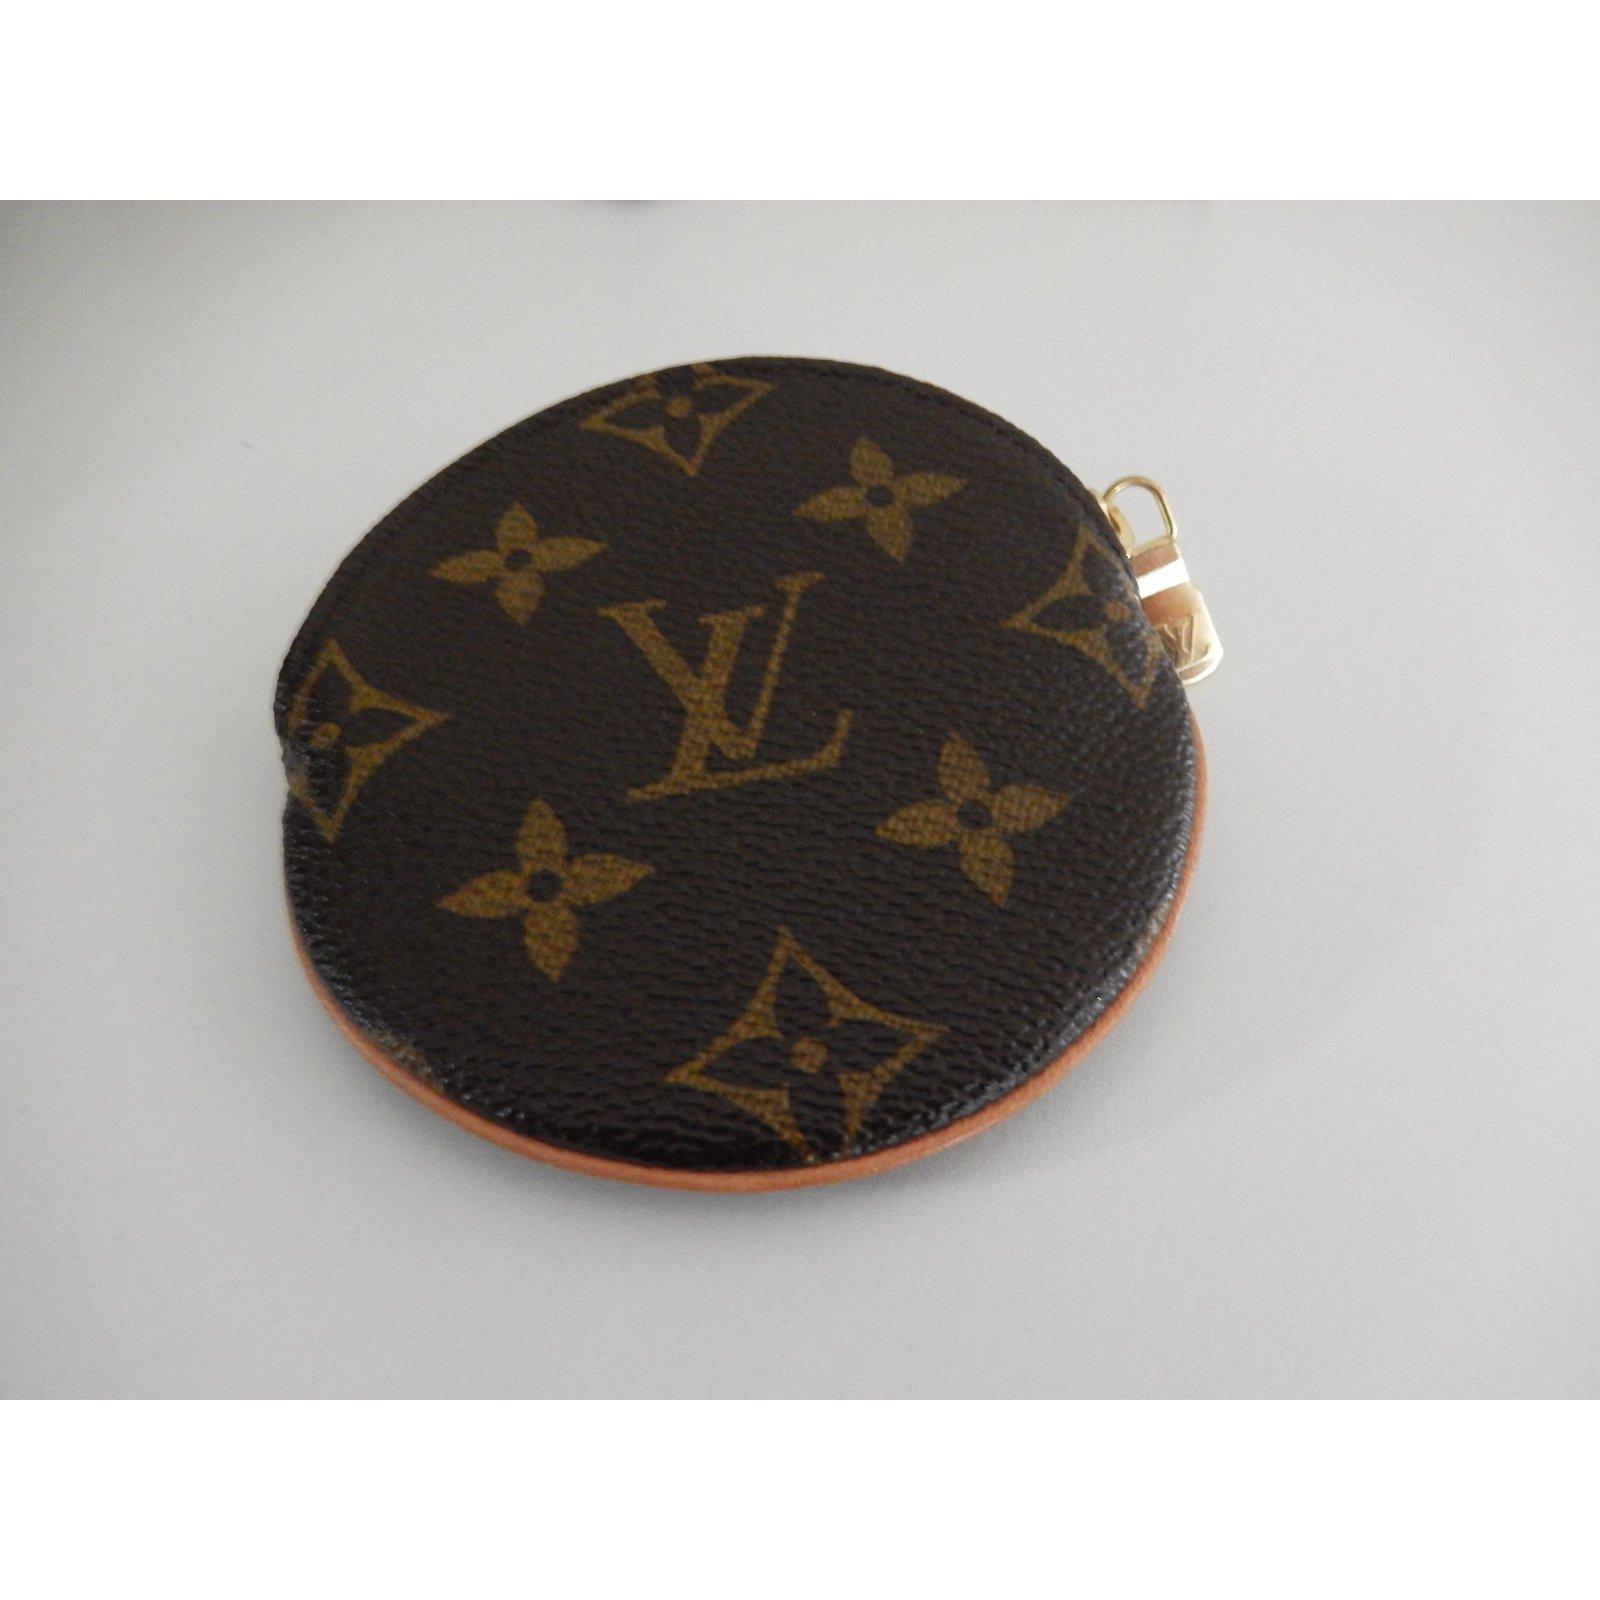 22bc9bb8279e Petite maroquinerie Louis Vuitton Porte monnaie rond Toile Marron ref.24522  - Joli Closet